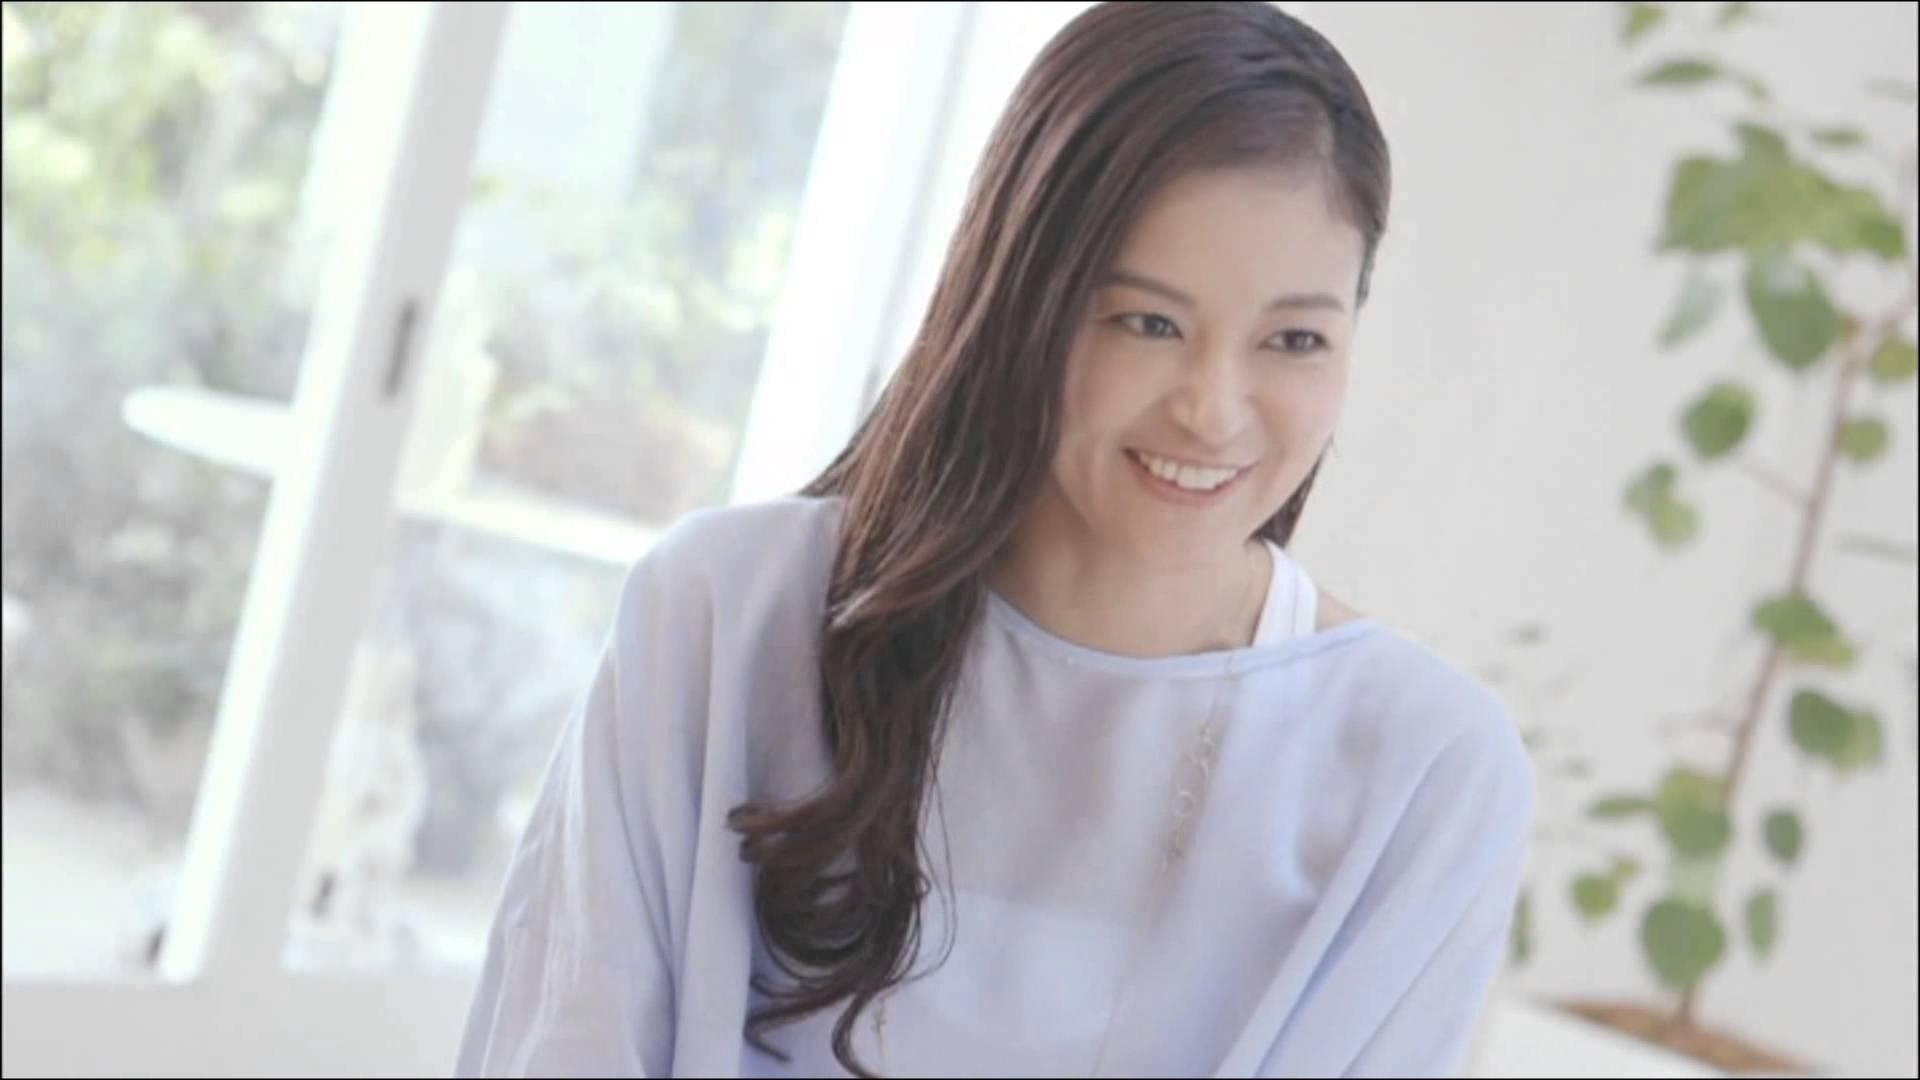 黒谷友香がスーツアクター役で映画に出演!CM【動画】でもお綺麗で美人を維持!結婚してるの?